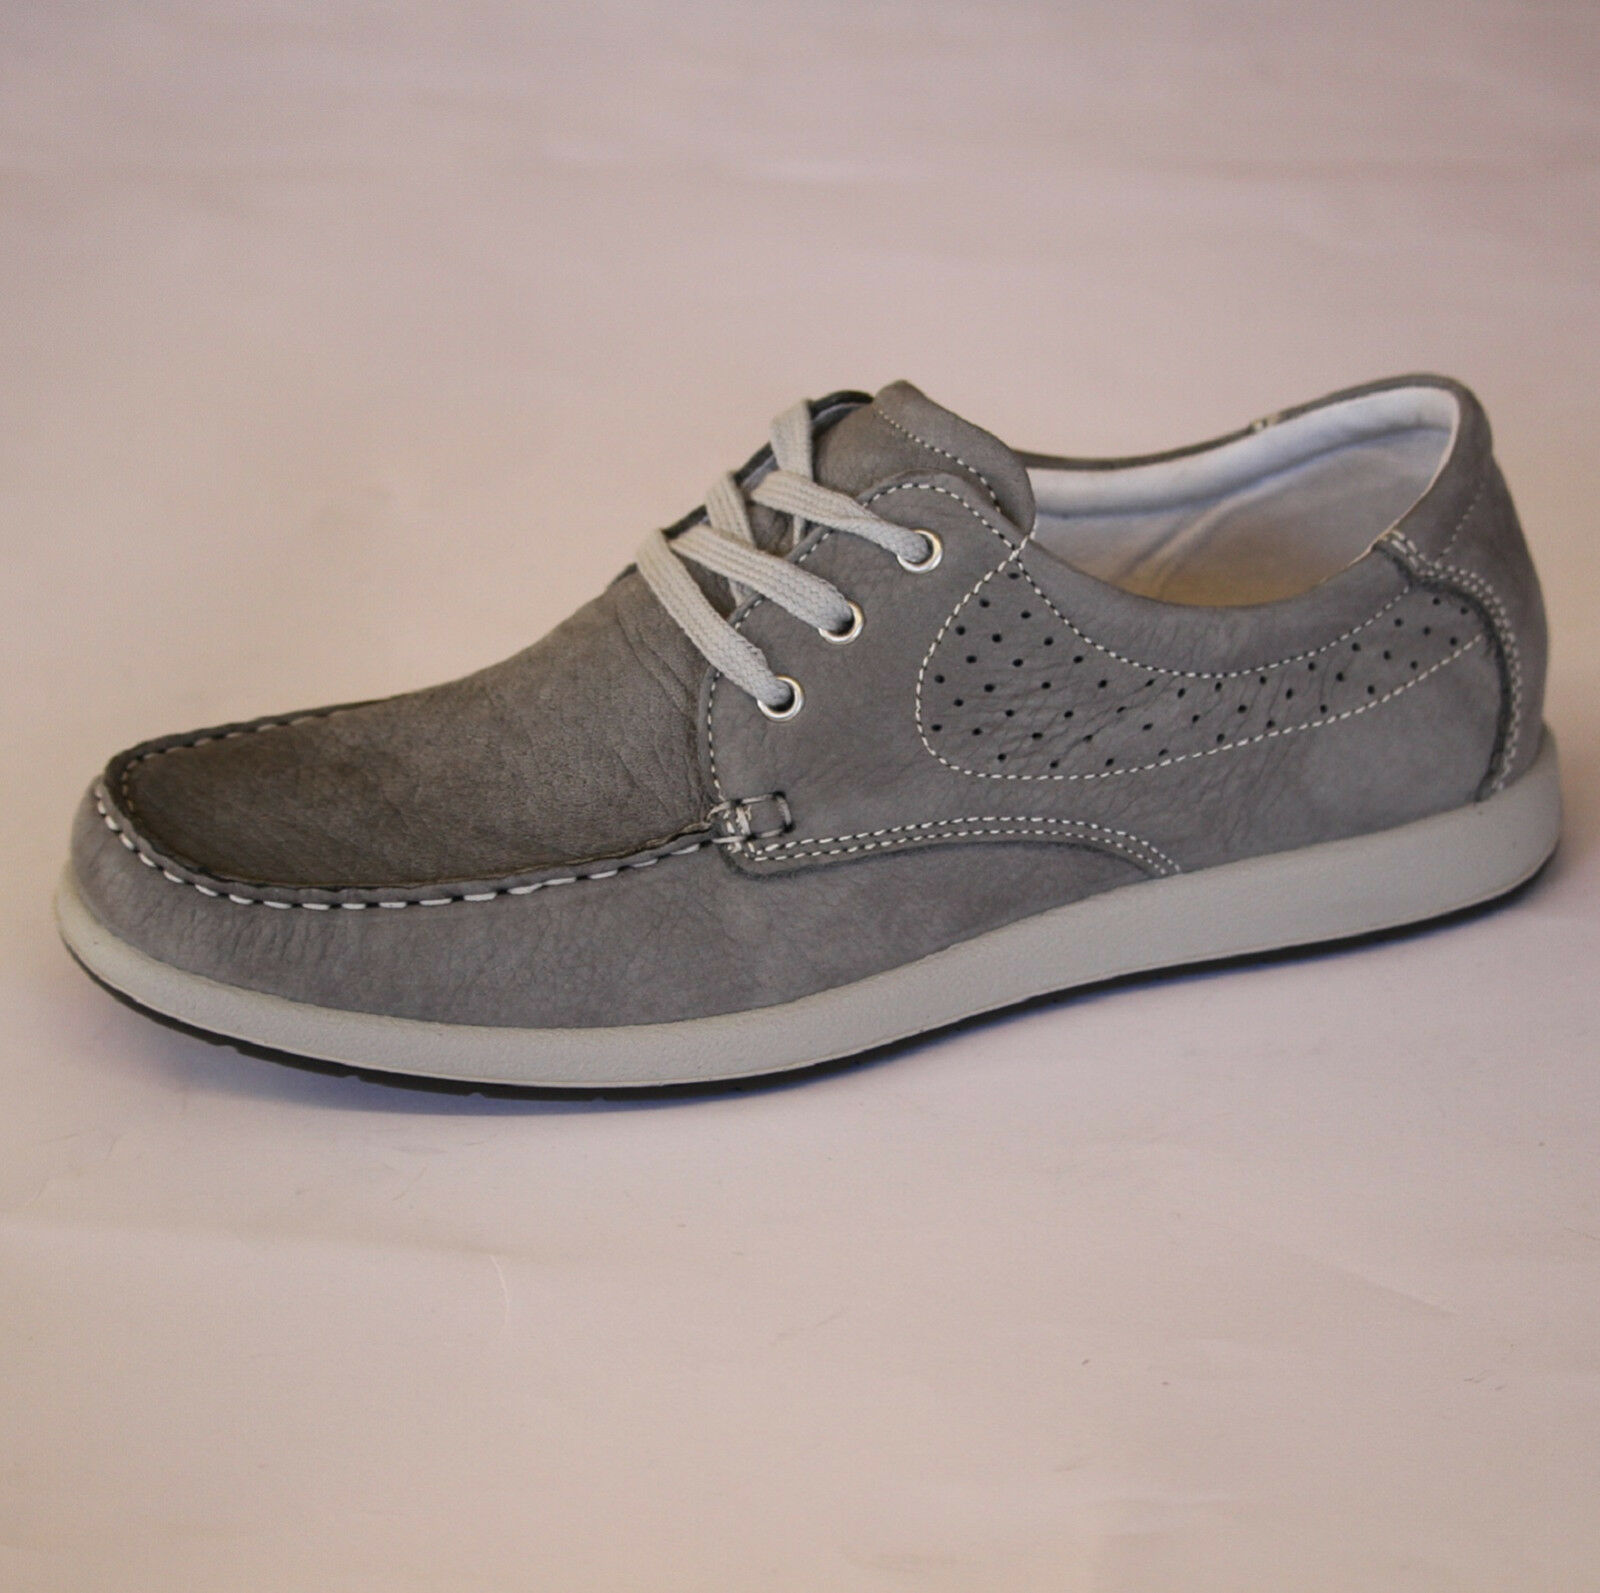 Scarpe casual da uomo  IMAC scarpa italiana primavera-estate UOMO morbida pelle gomma grigio 101590